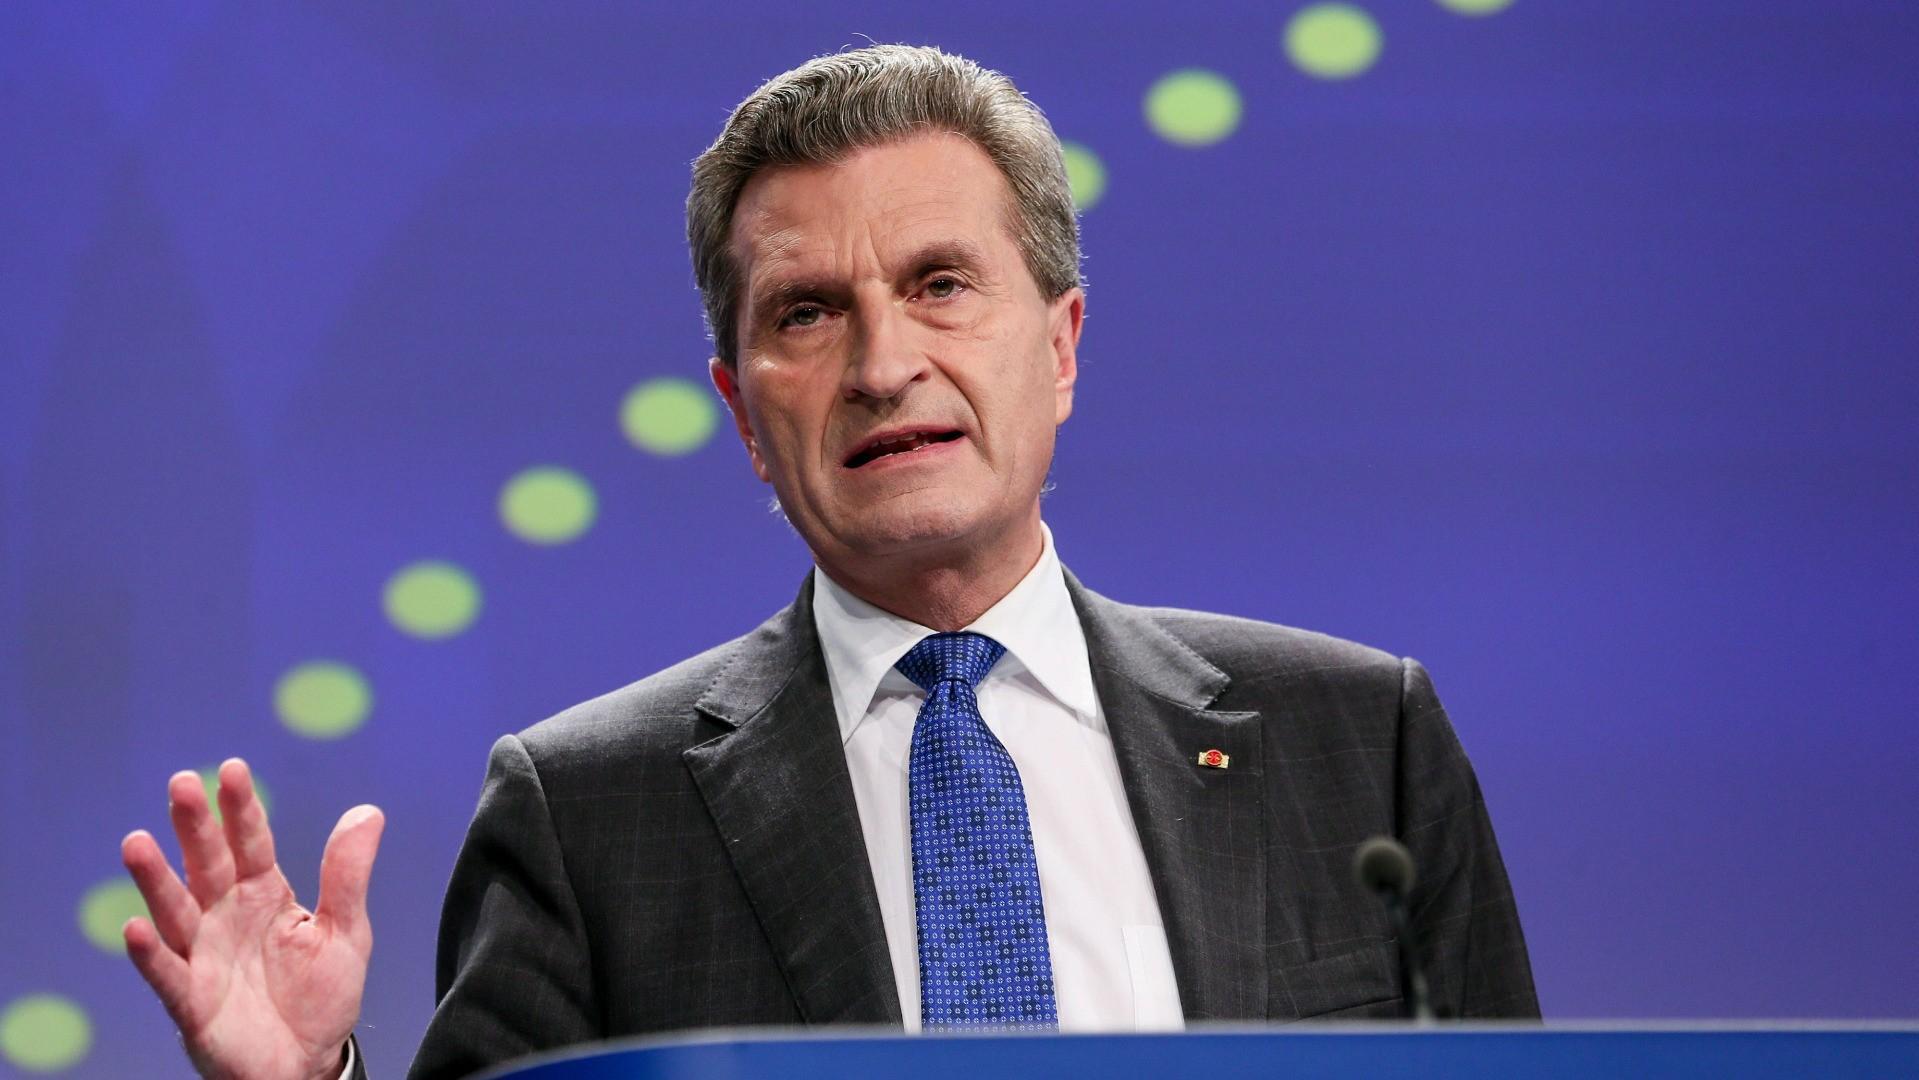 Еврокомиссар: Азербайджан и ЕС становятся ближе друг другу